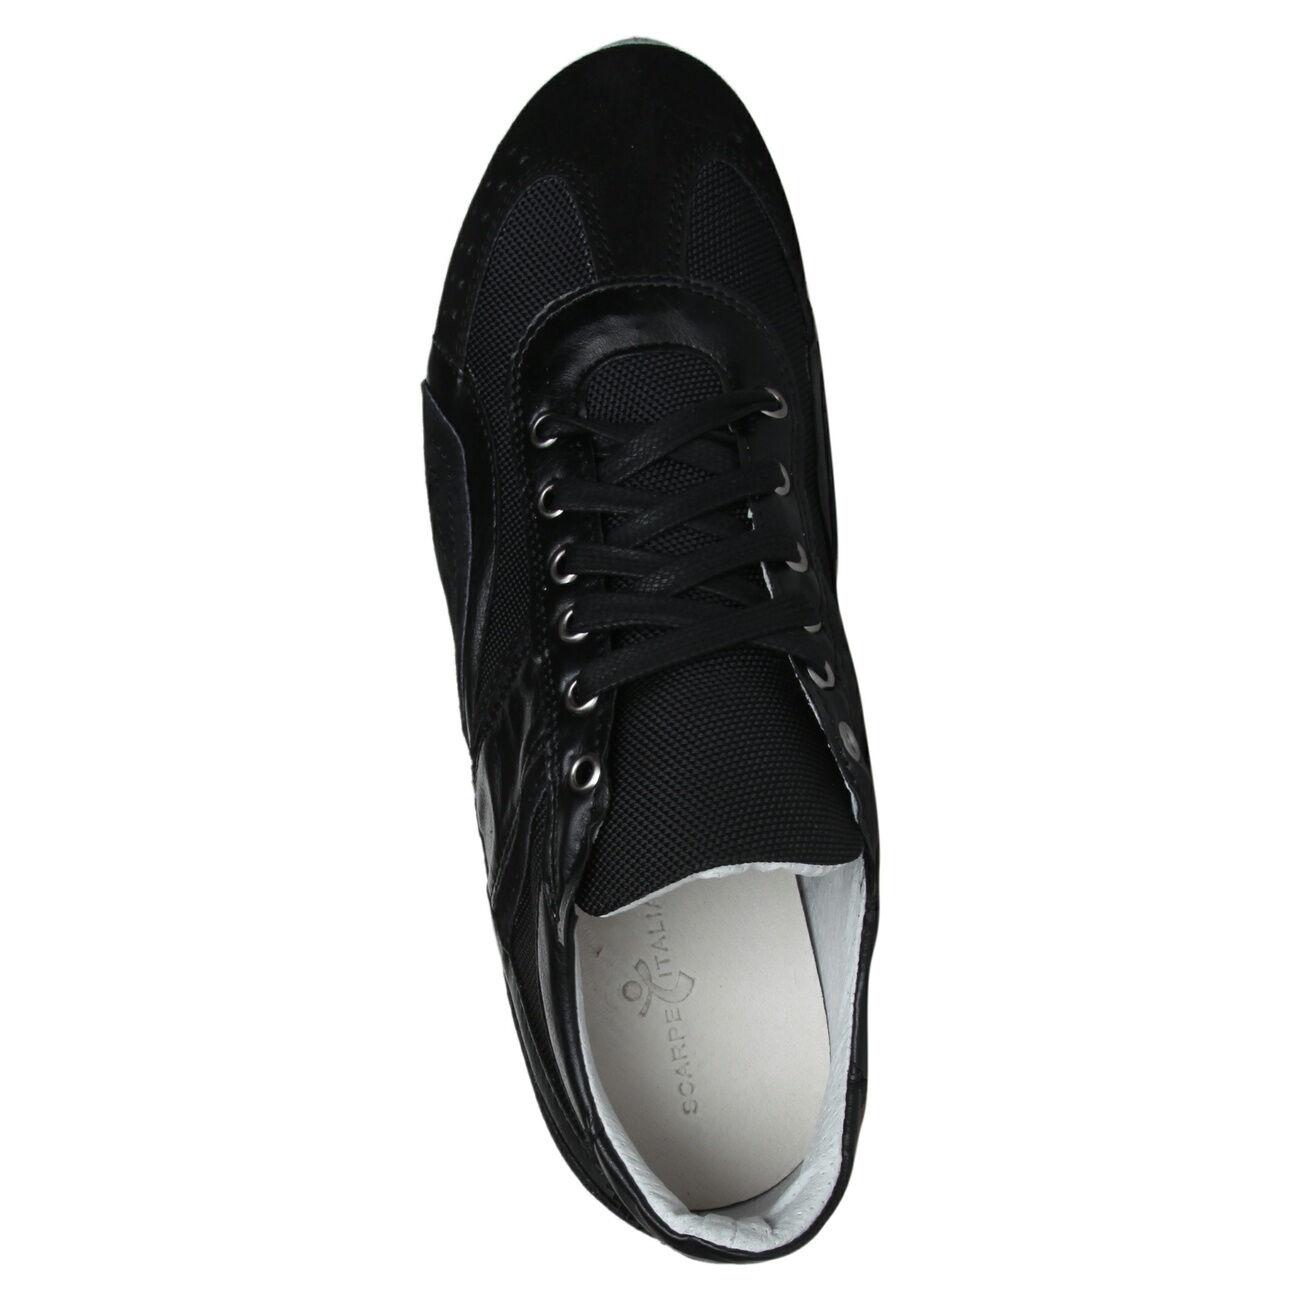 Schuhe Italiane Herren Sneakers Schuhe Sneakers Herren Freizeitschuhe, Schwarz, df4047